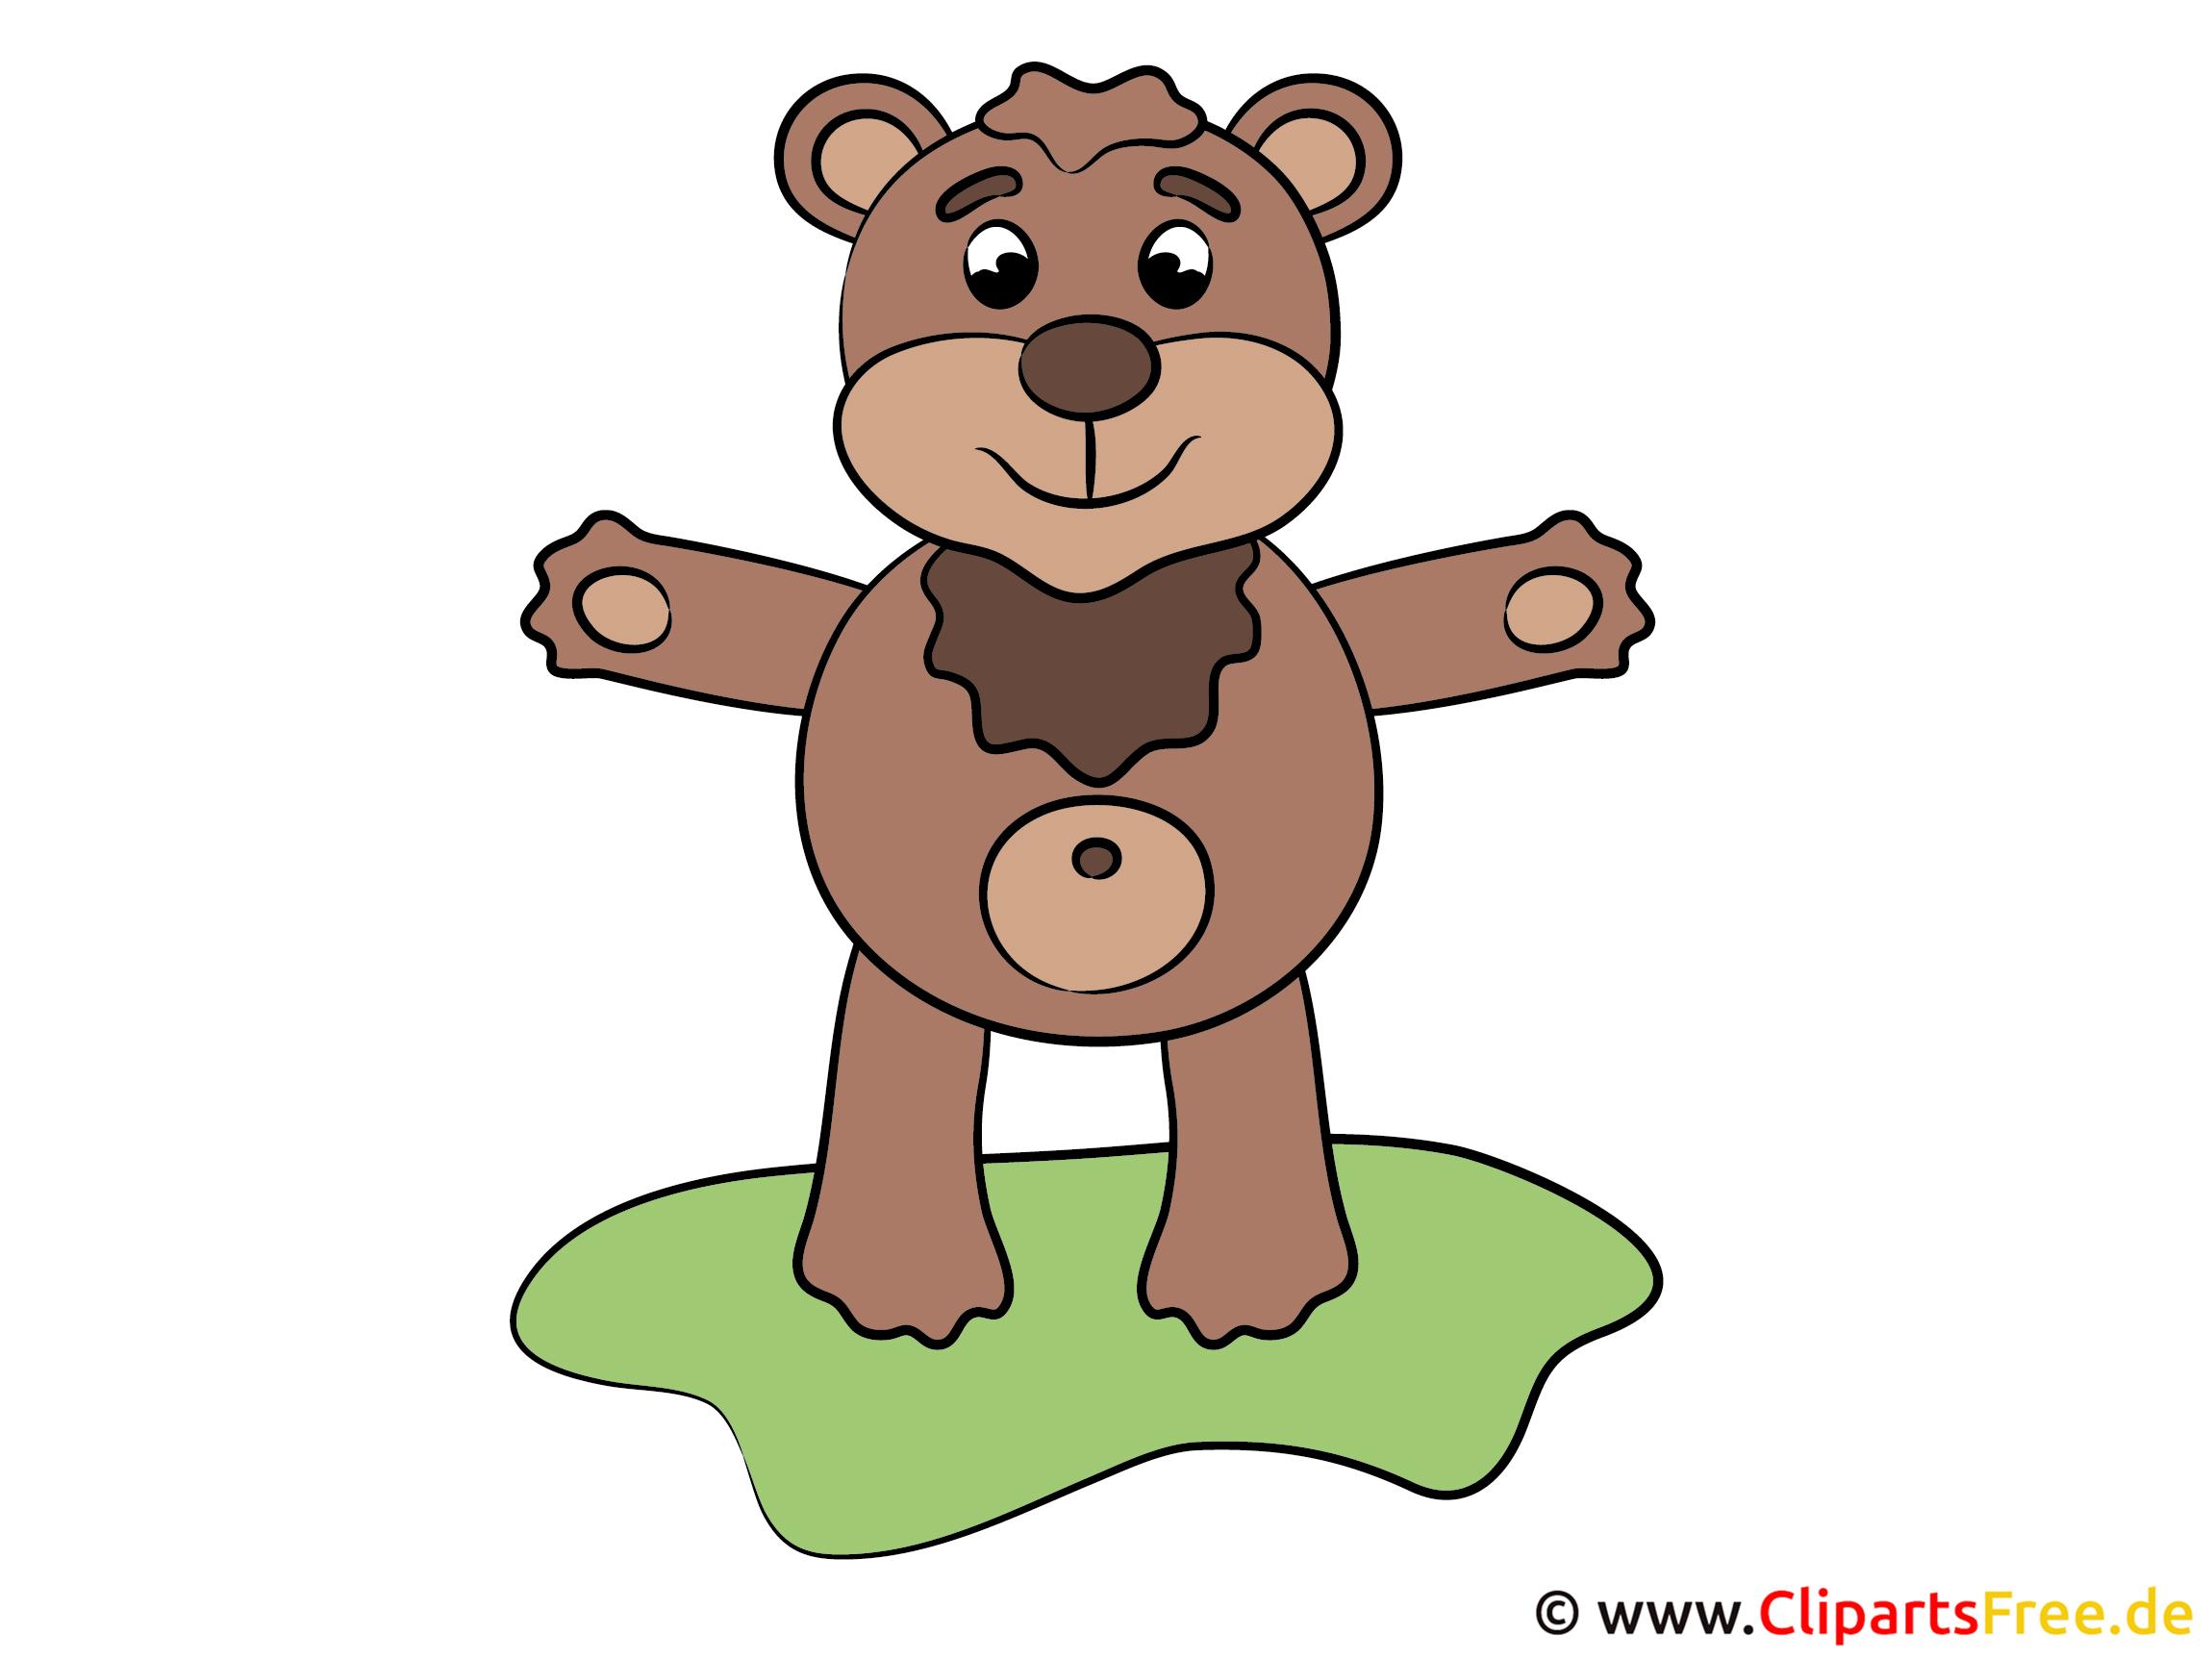 Clipart Bär